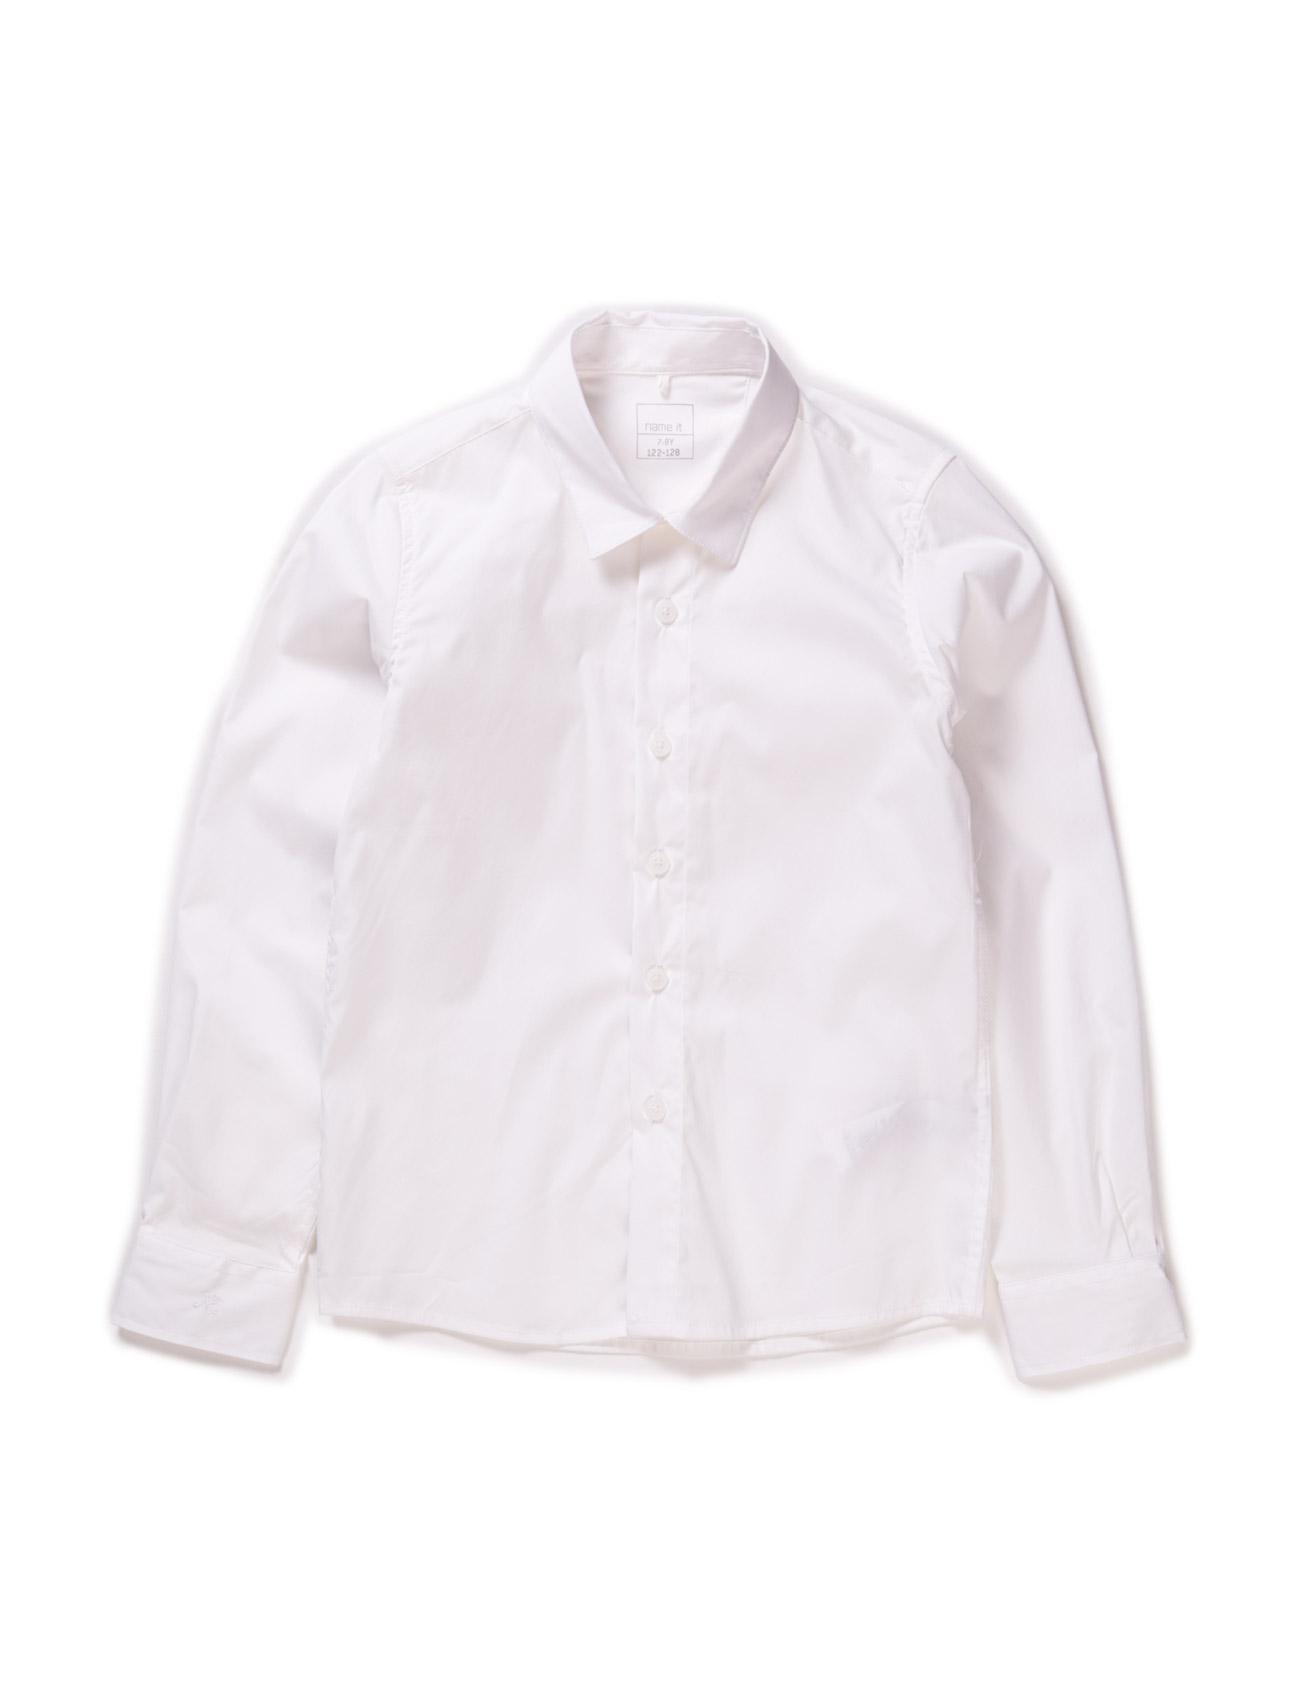 Gaks Kids Ls Slim Shirt 215